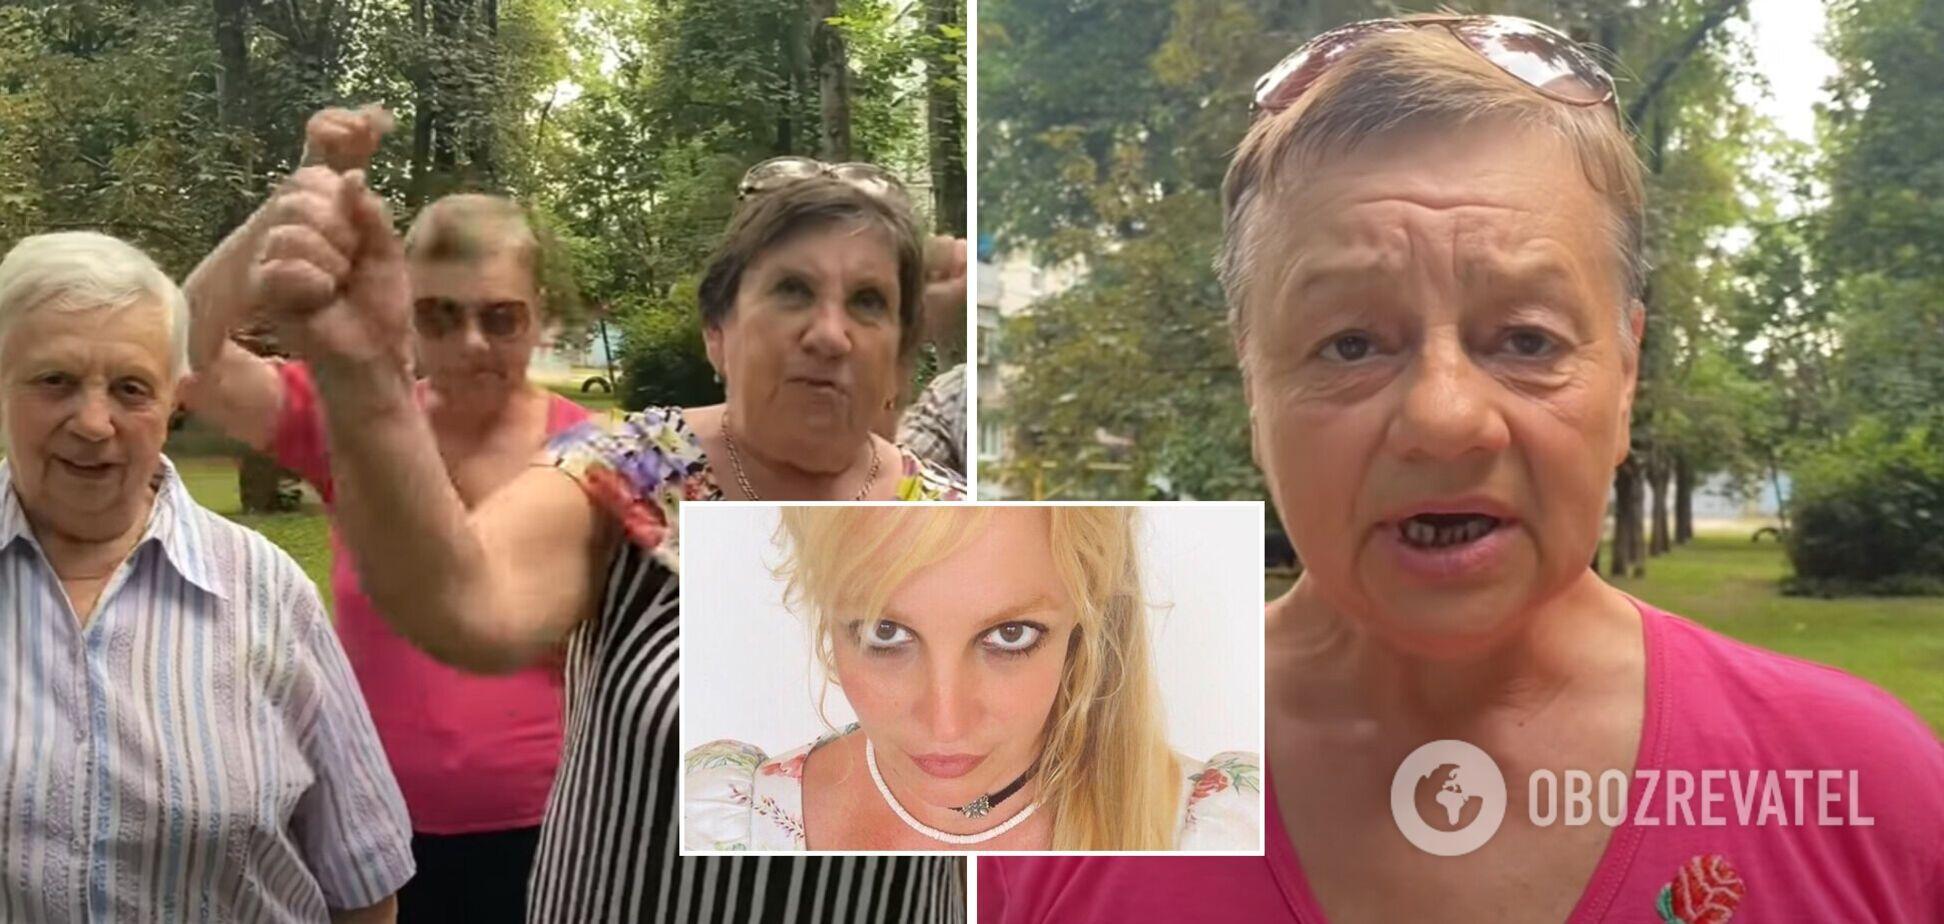 Російські бабусі із 'загону Путіна' зажадали звільнити Брітні Спірс. Відео